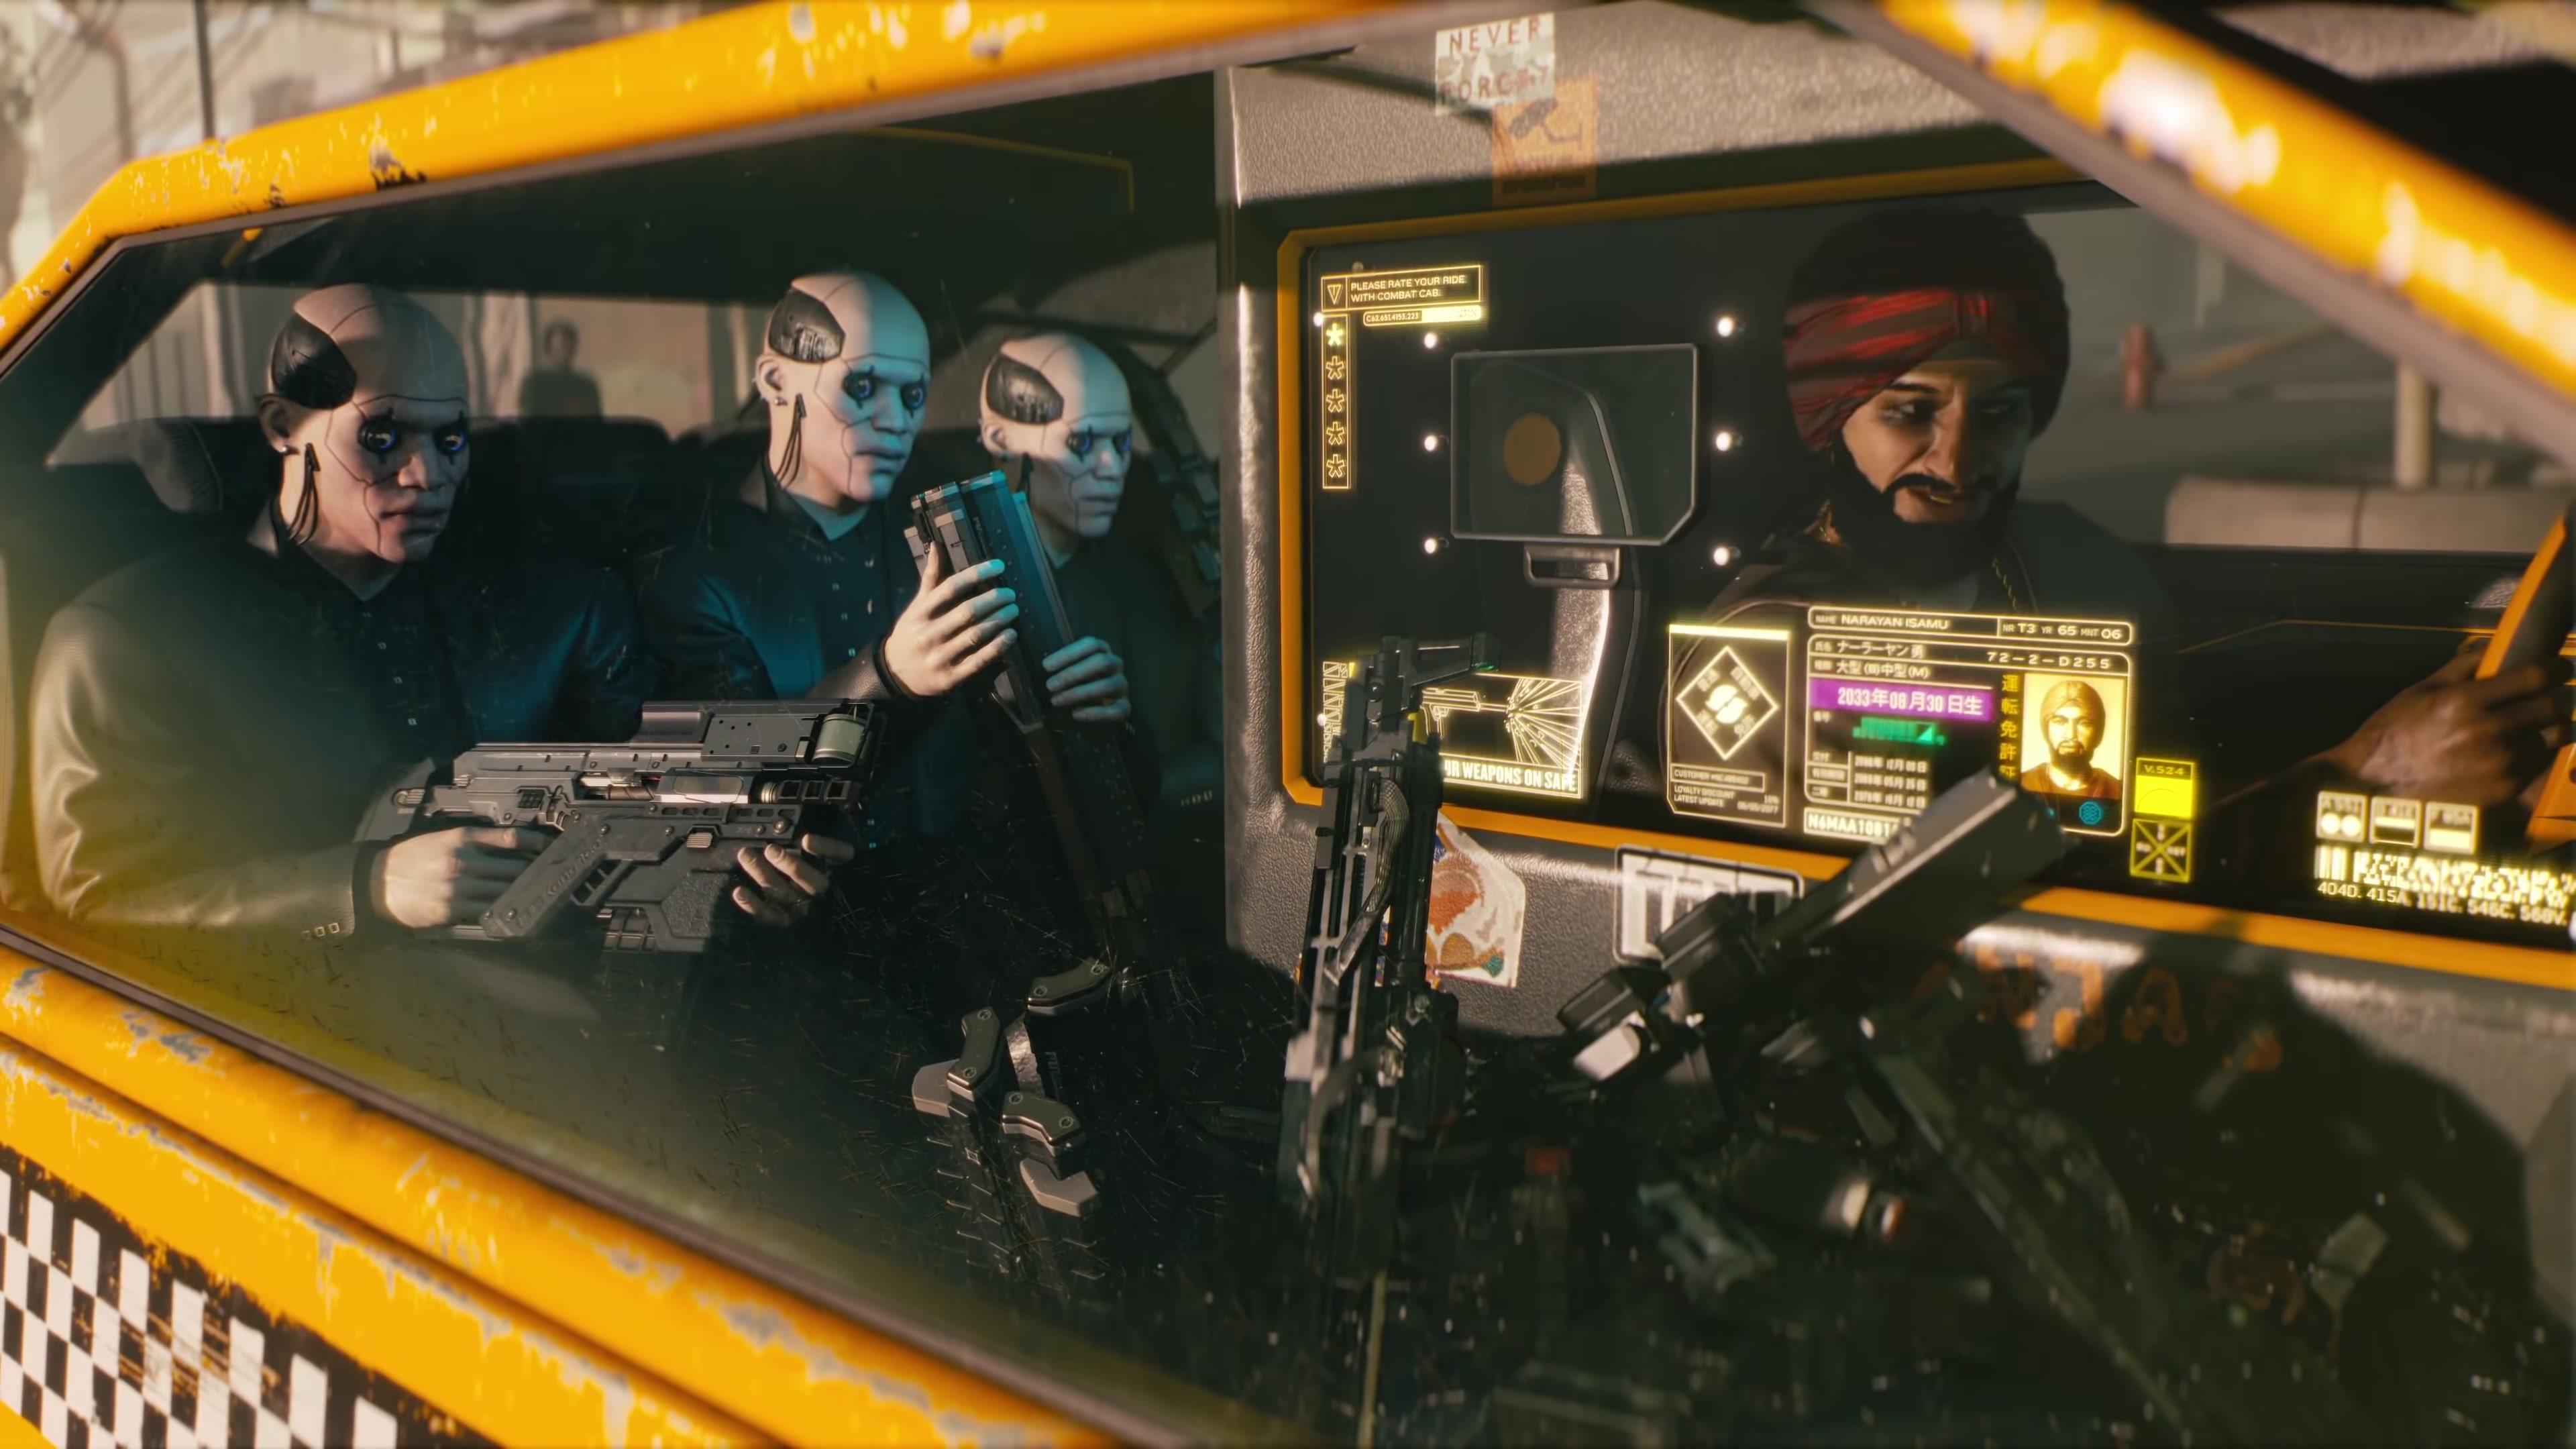 Cyberpunk 2077 050.jpg - Cyberpunk 2077